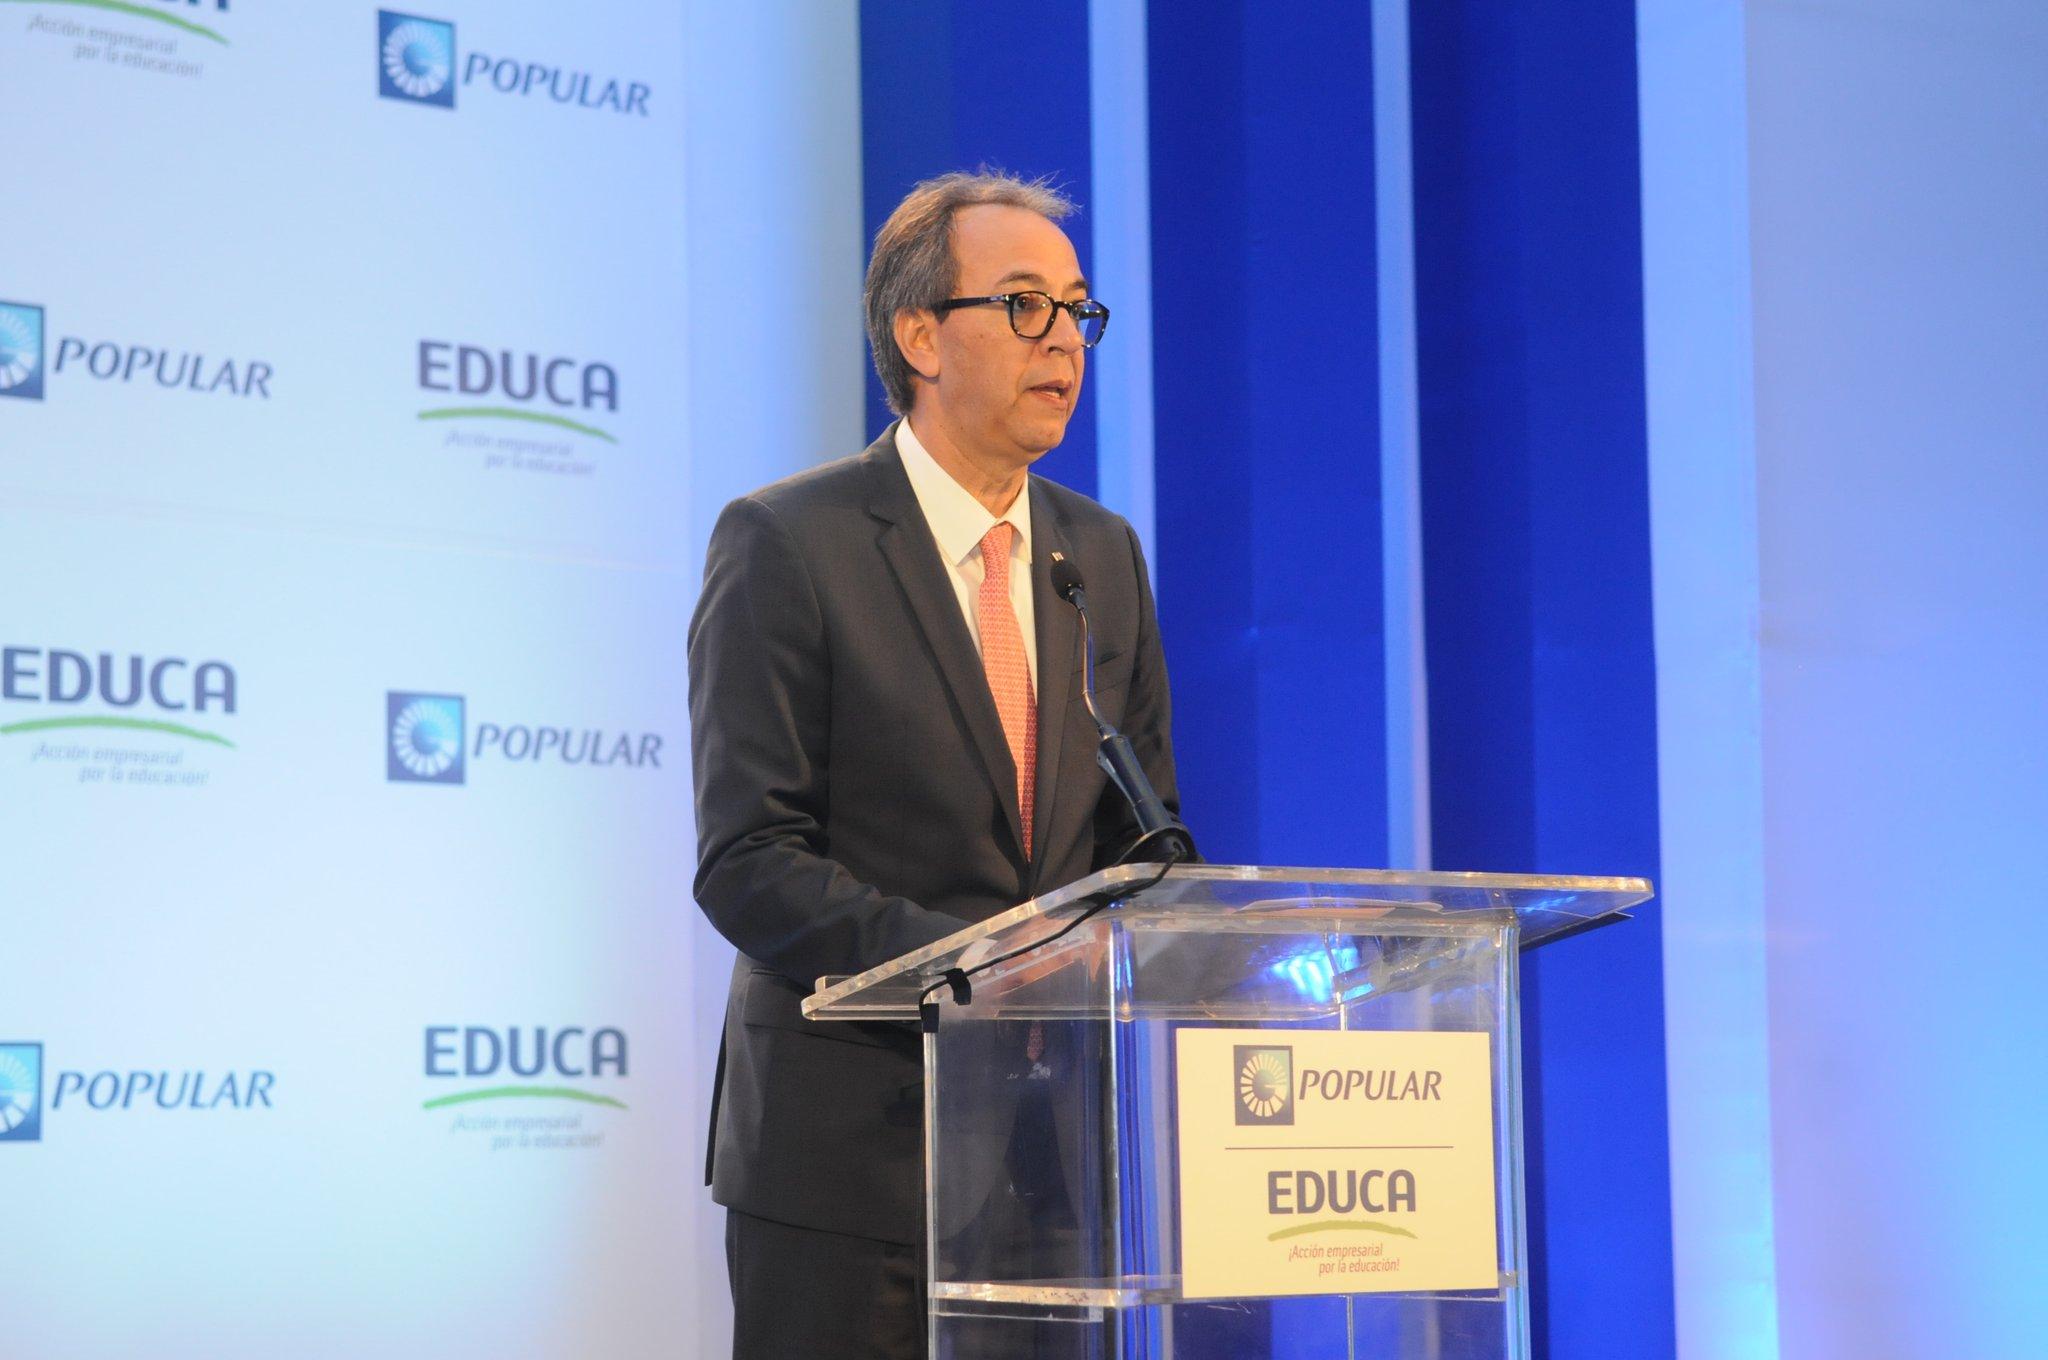 EDUCA y Banco Popular anuncian vigésimo primera edición del Congreso Internacional de Educación Aprendo 2017